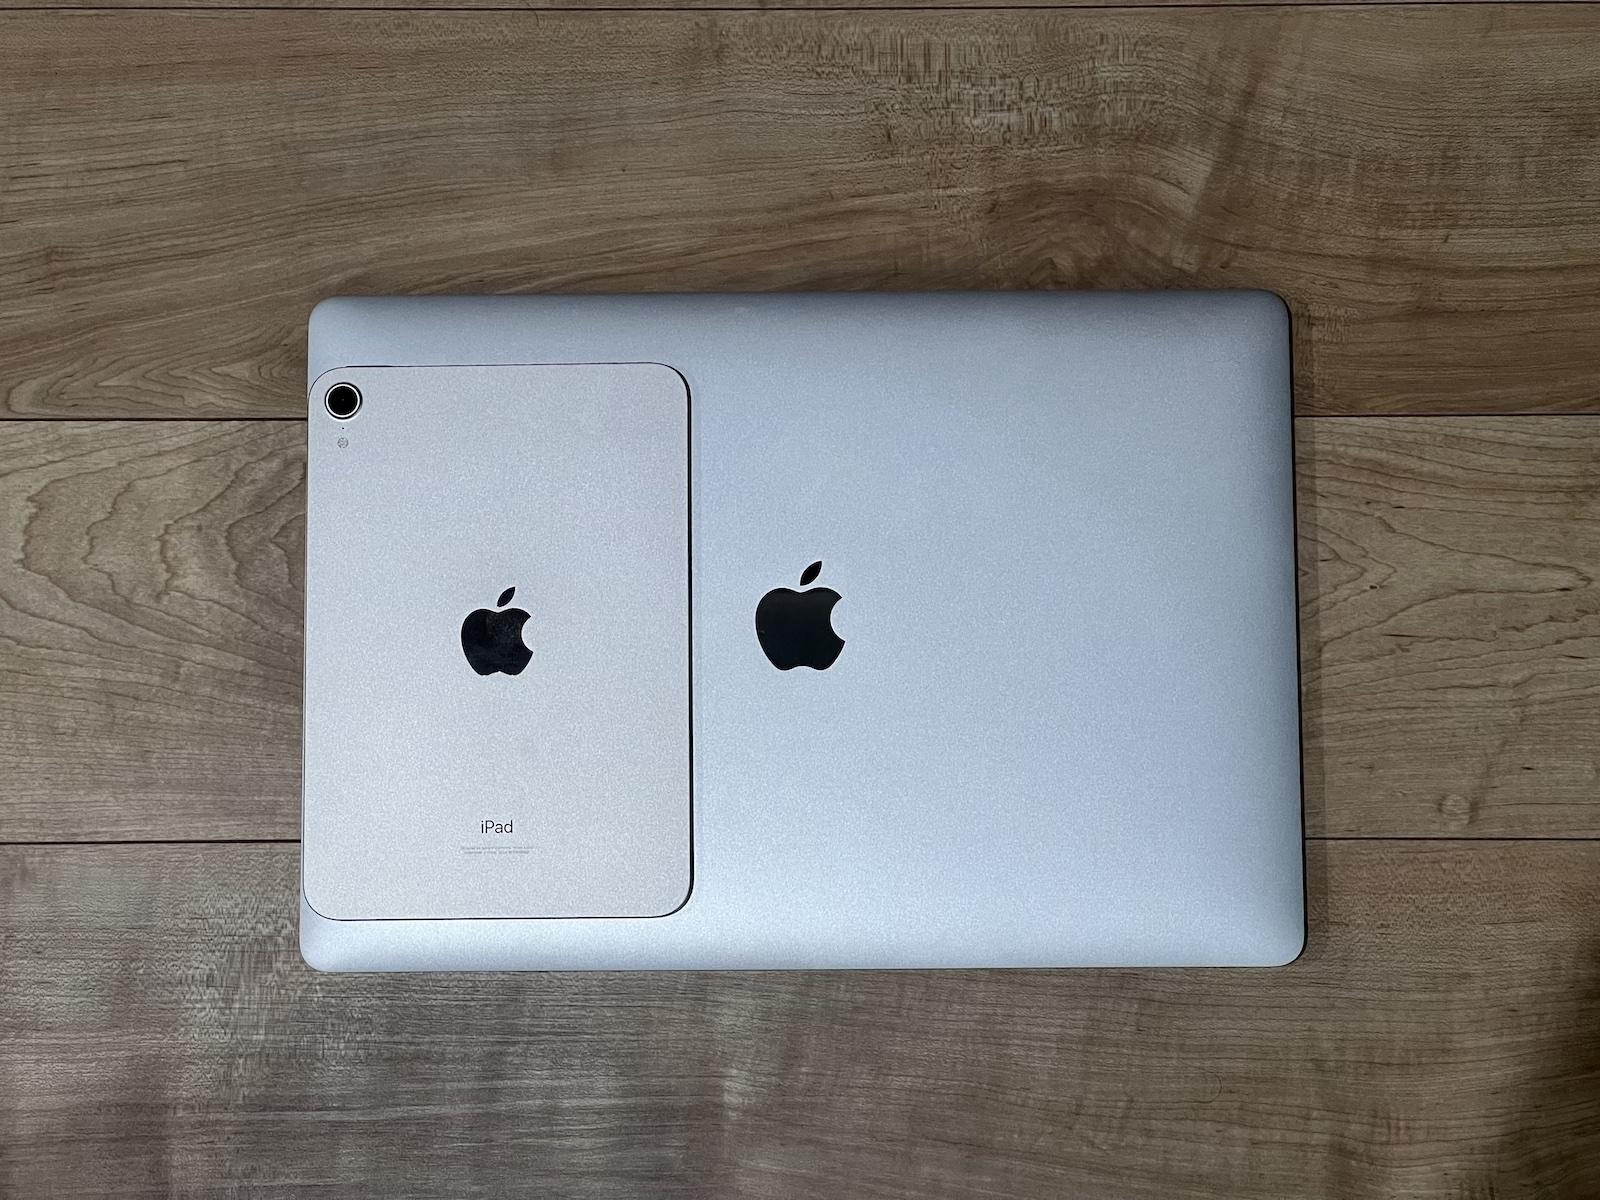 iPad miniスターライトとMacbook Proのシルバー